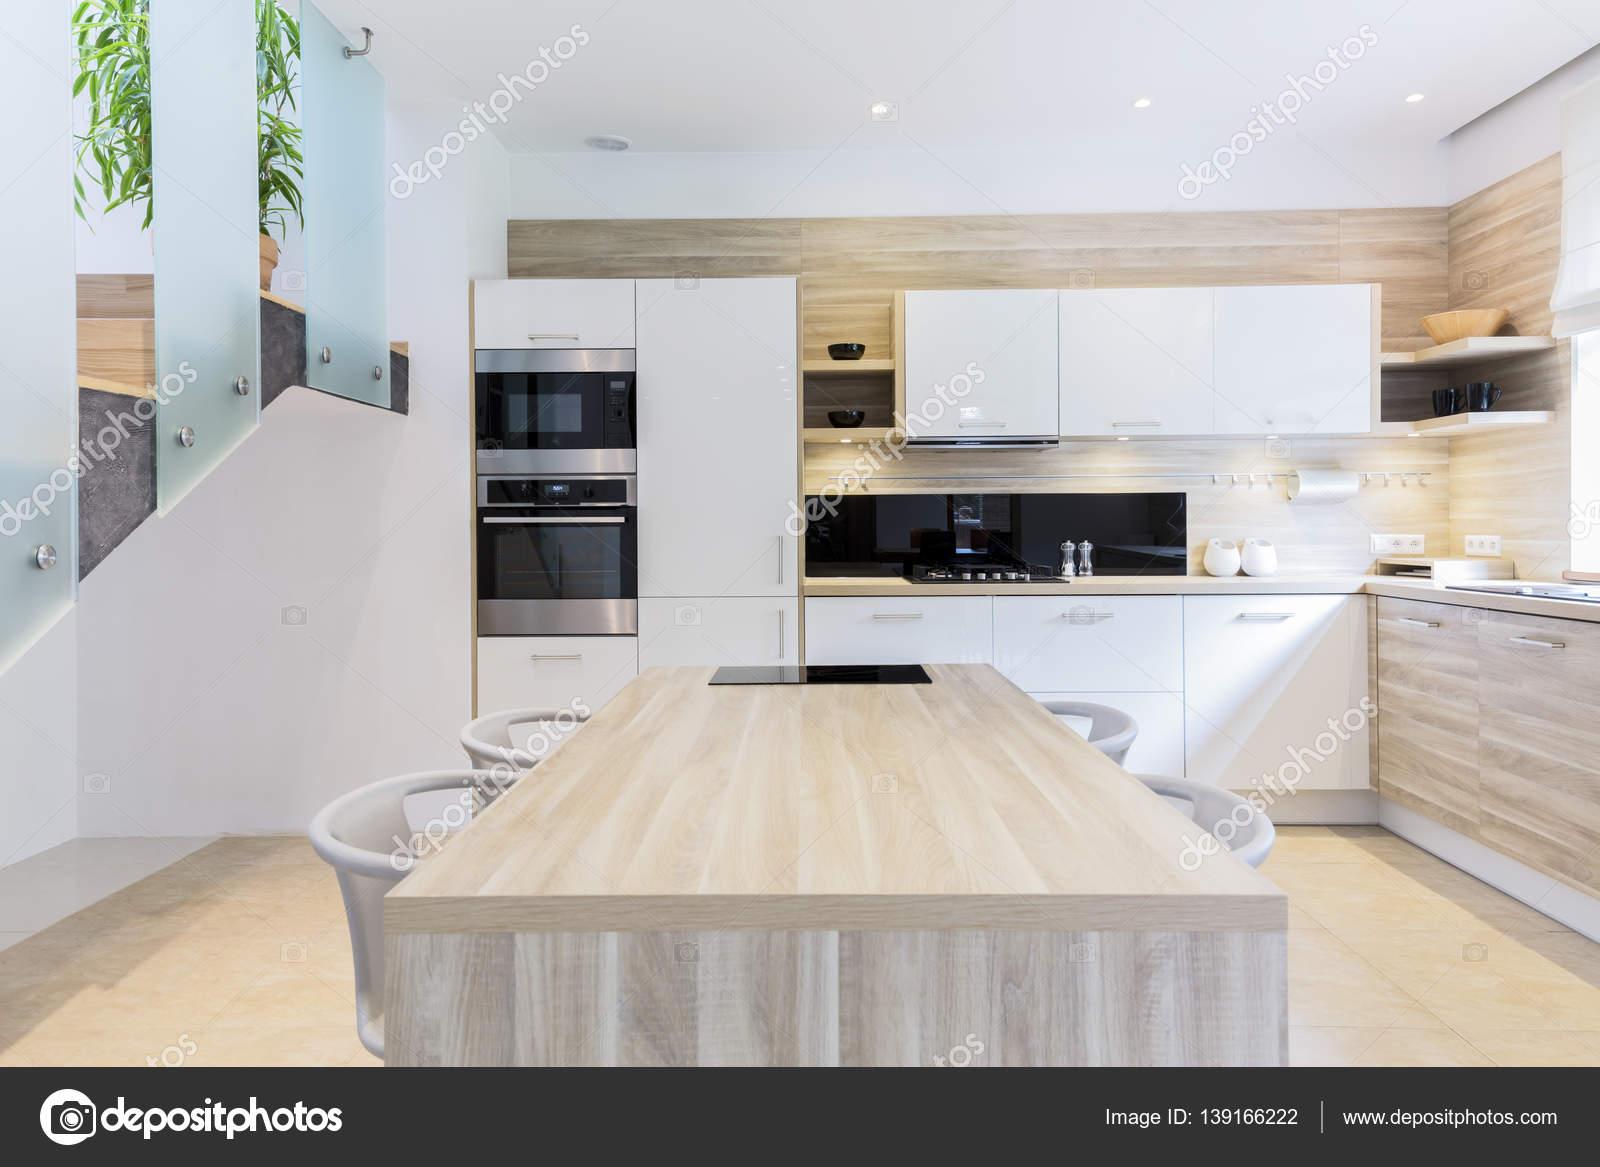 Cocina en colores claros — Foto de stock © photographee.eu #139166222